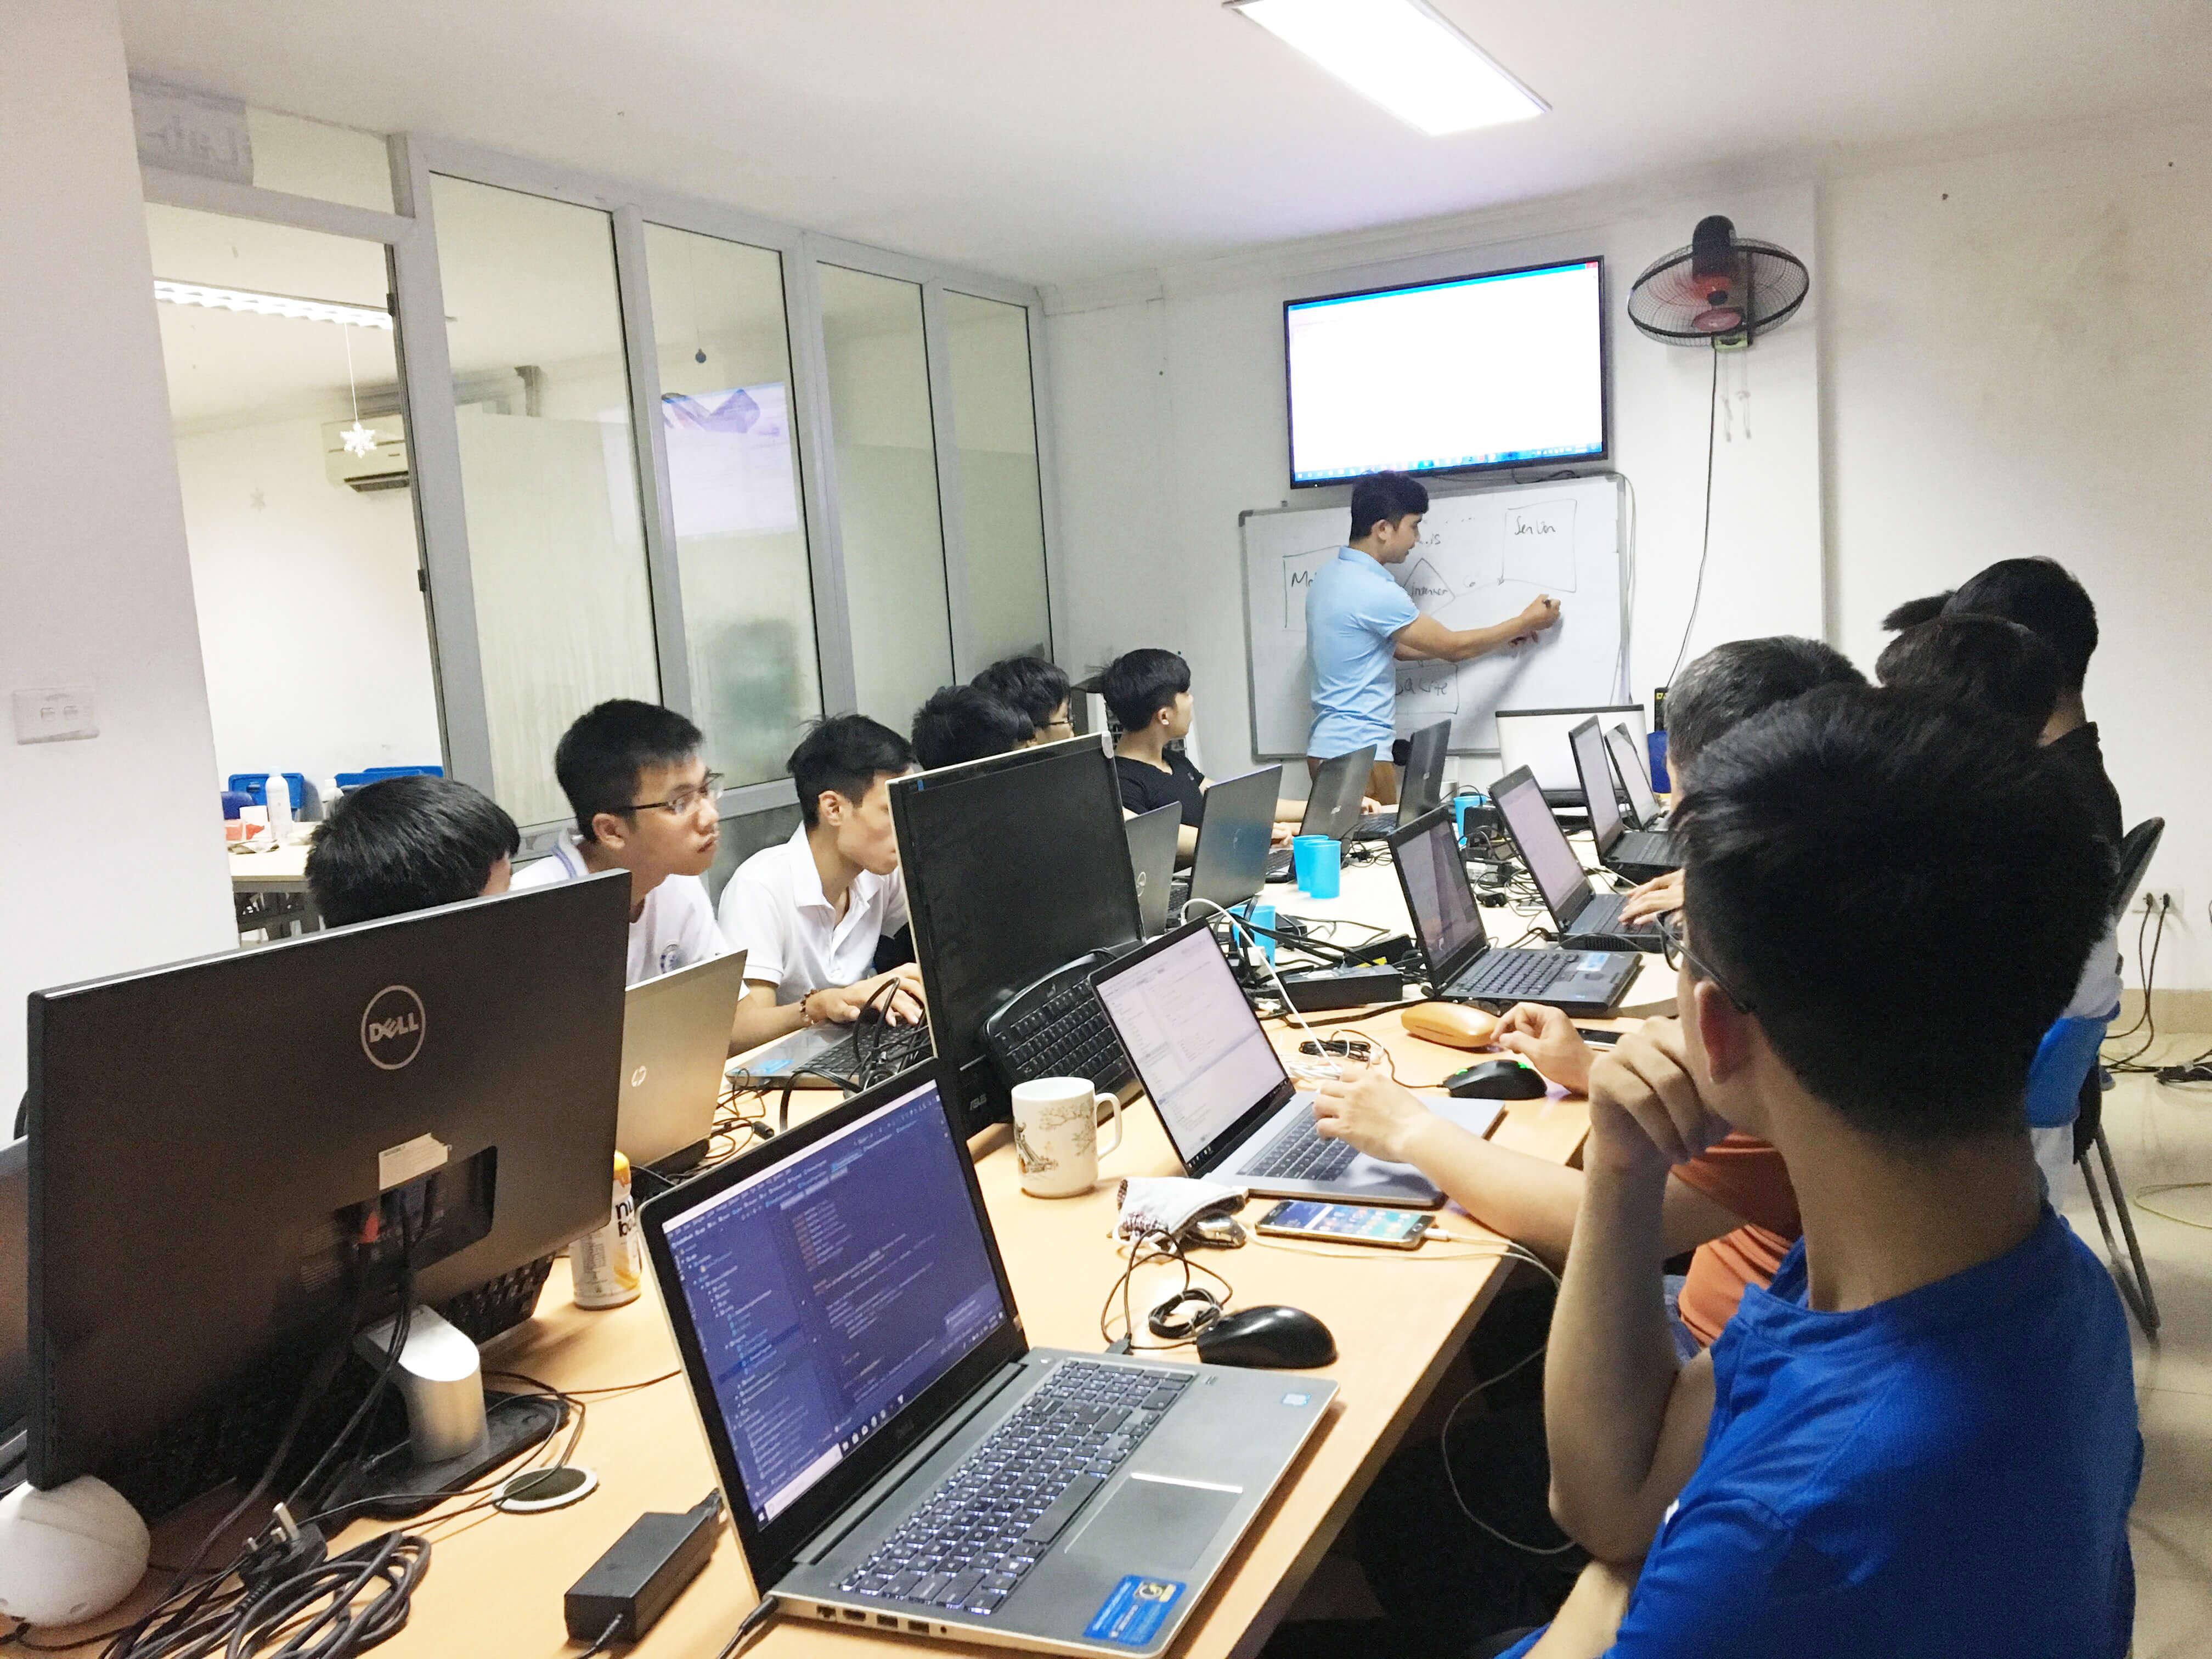 DevPro Việt Nam: Địa chỉ đào tạo lập trình theo quy trình làm dự án tại doanh nghiệp